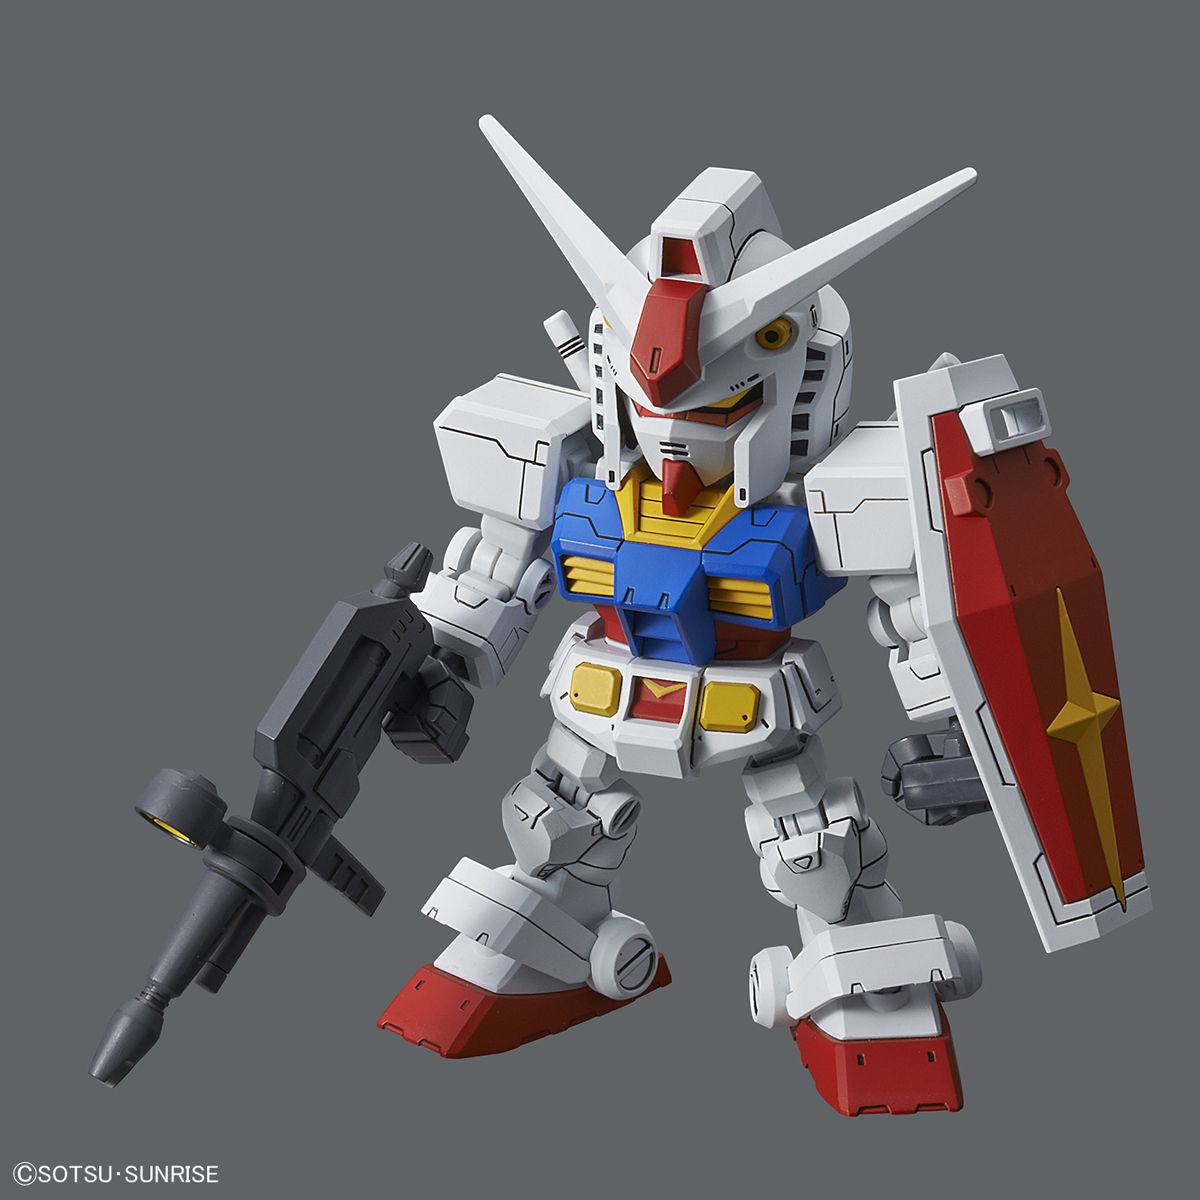 SDガンダム クロスシルエット(SDCS)  RX-78-2 ガンダム & クロスシルエットフレームセット [SD Gundam Cross Silhouette RX-78-2 Gundam & Cross Silhouette Frame Set] 4549660283812 5059573 0228381